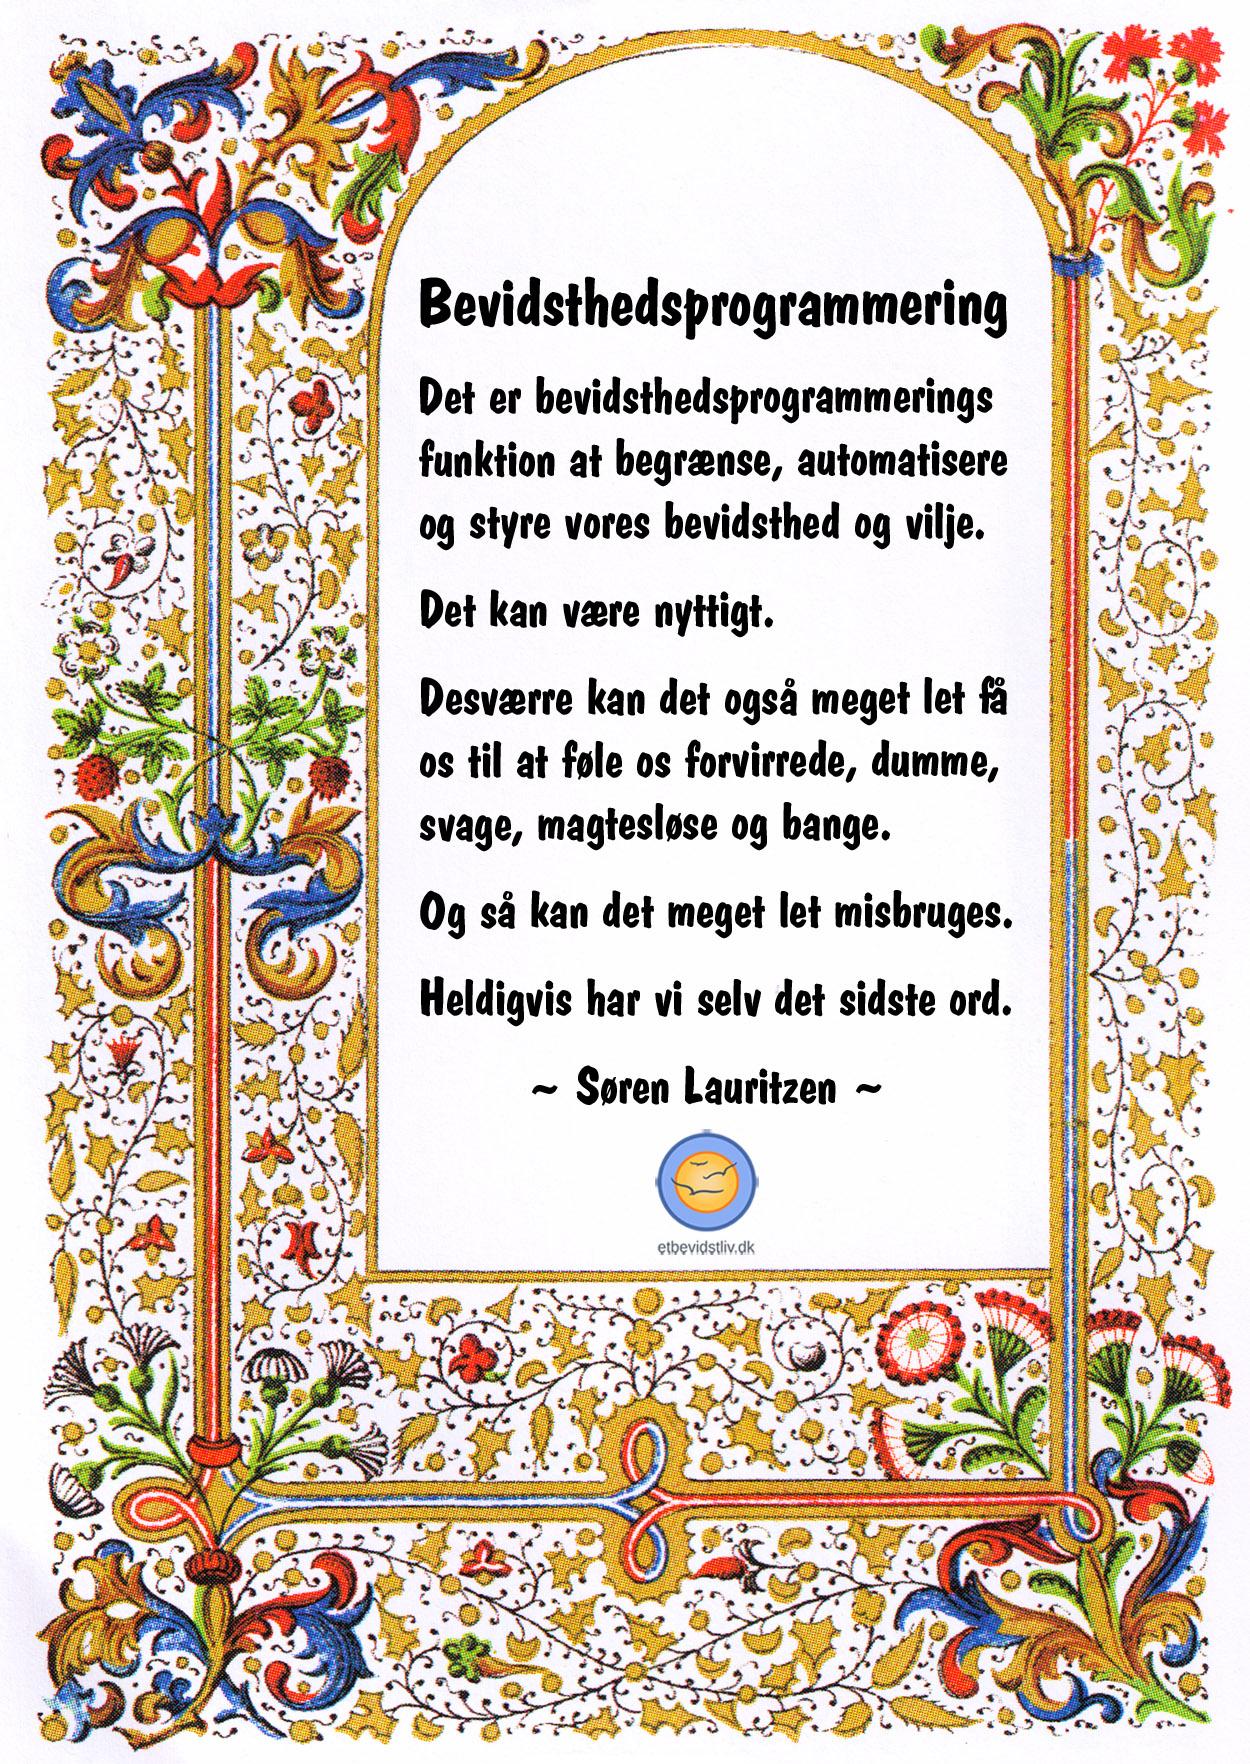 Billede: Ramme fra illumineret middelalder-manuskript. Tekst: Bevidsthedsprogrammering begrænser, automatiserer og styrer vores bevidsthed og vilje, og det kan være nyttigt, men også problematisk. (Søren Lauritzen)